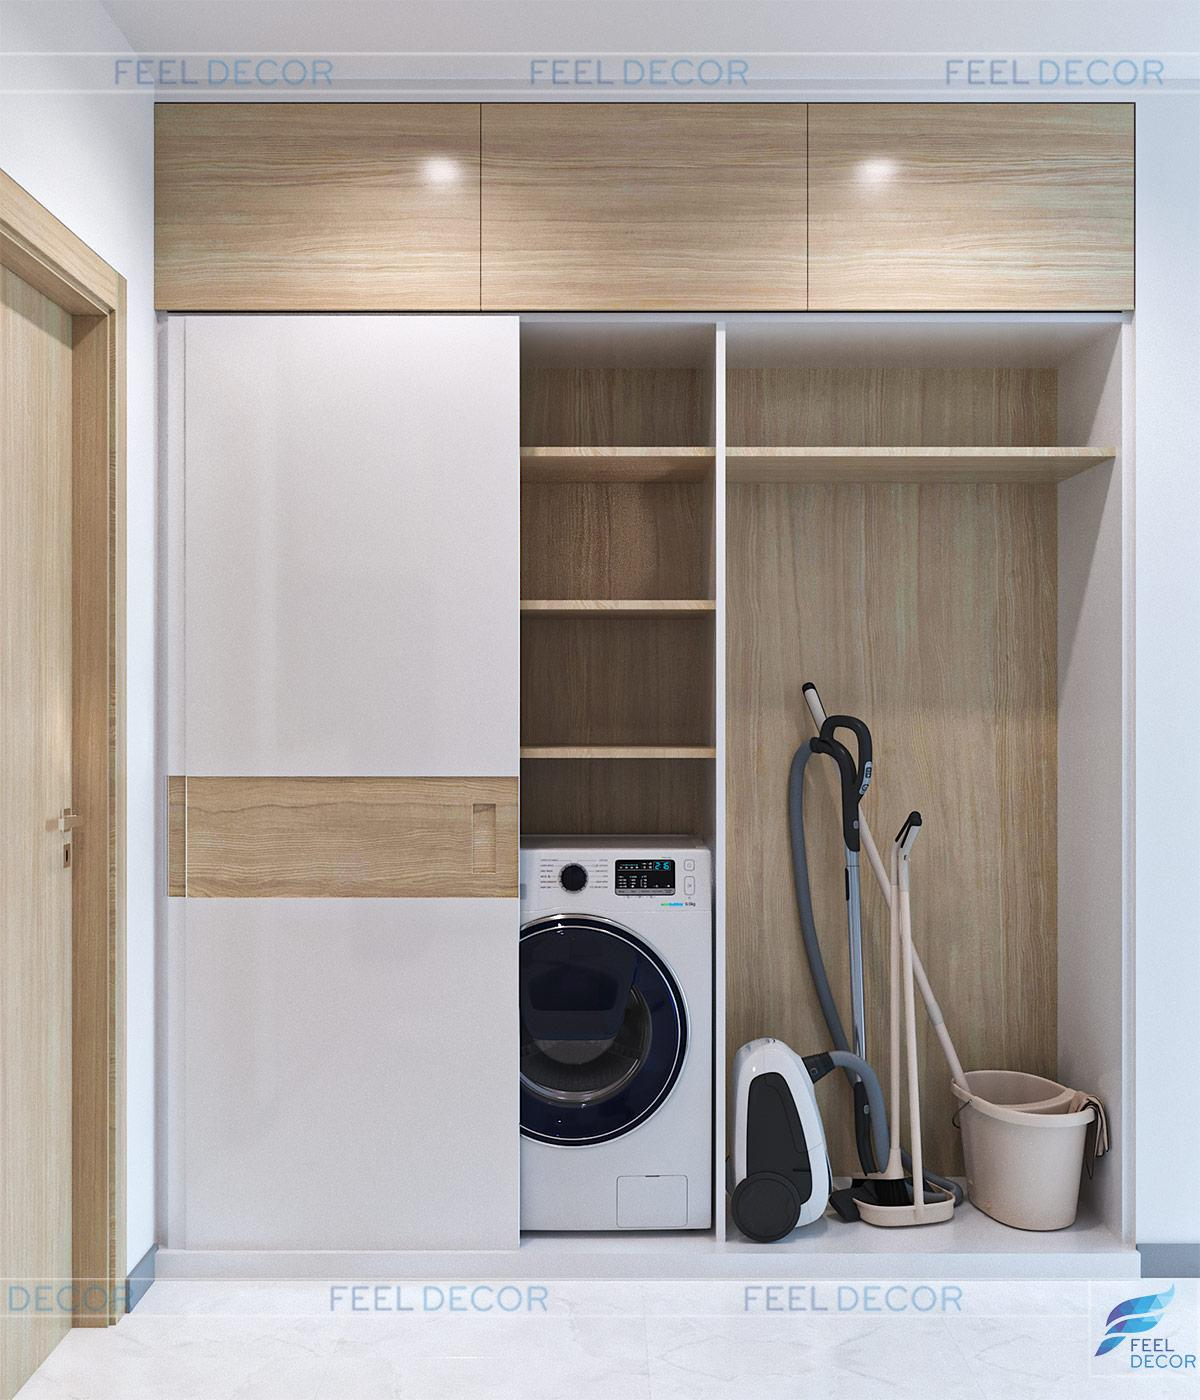 Thiết kế thi công nội thất căn hộ 2PN chung cư Botanica Primier – Chủ đầu tư chị Quỳnh